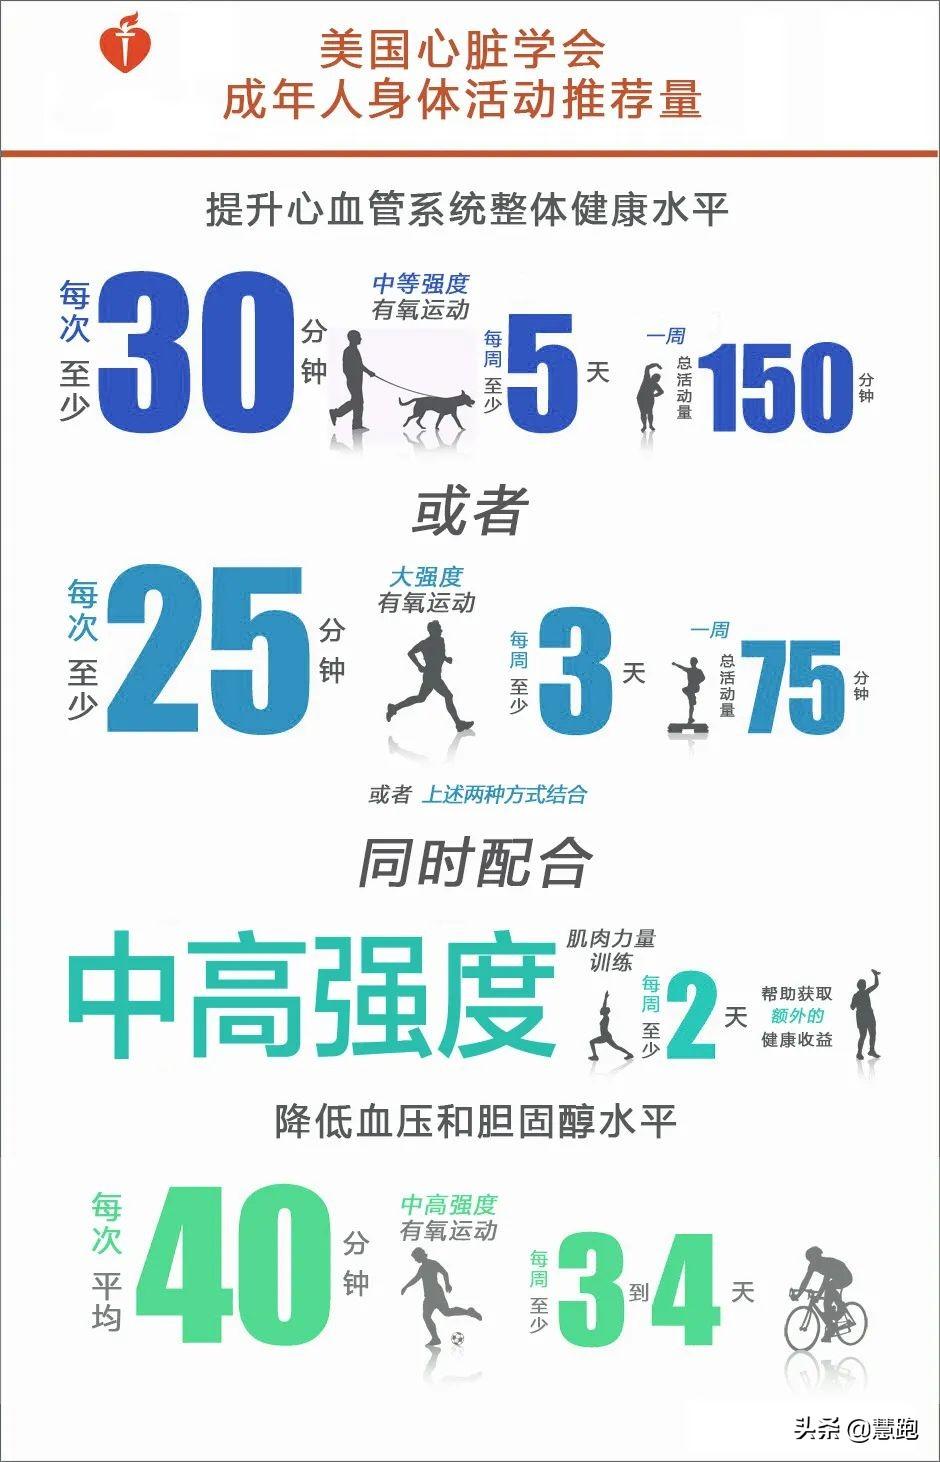 2020中国居民营养与慢性病最新报告:运动能防治这几种疾病? 疾病防治 第27张